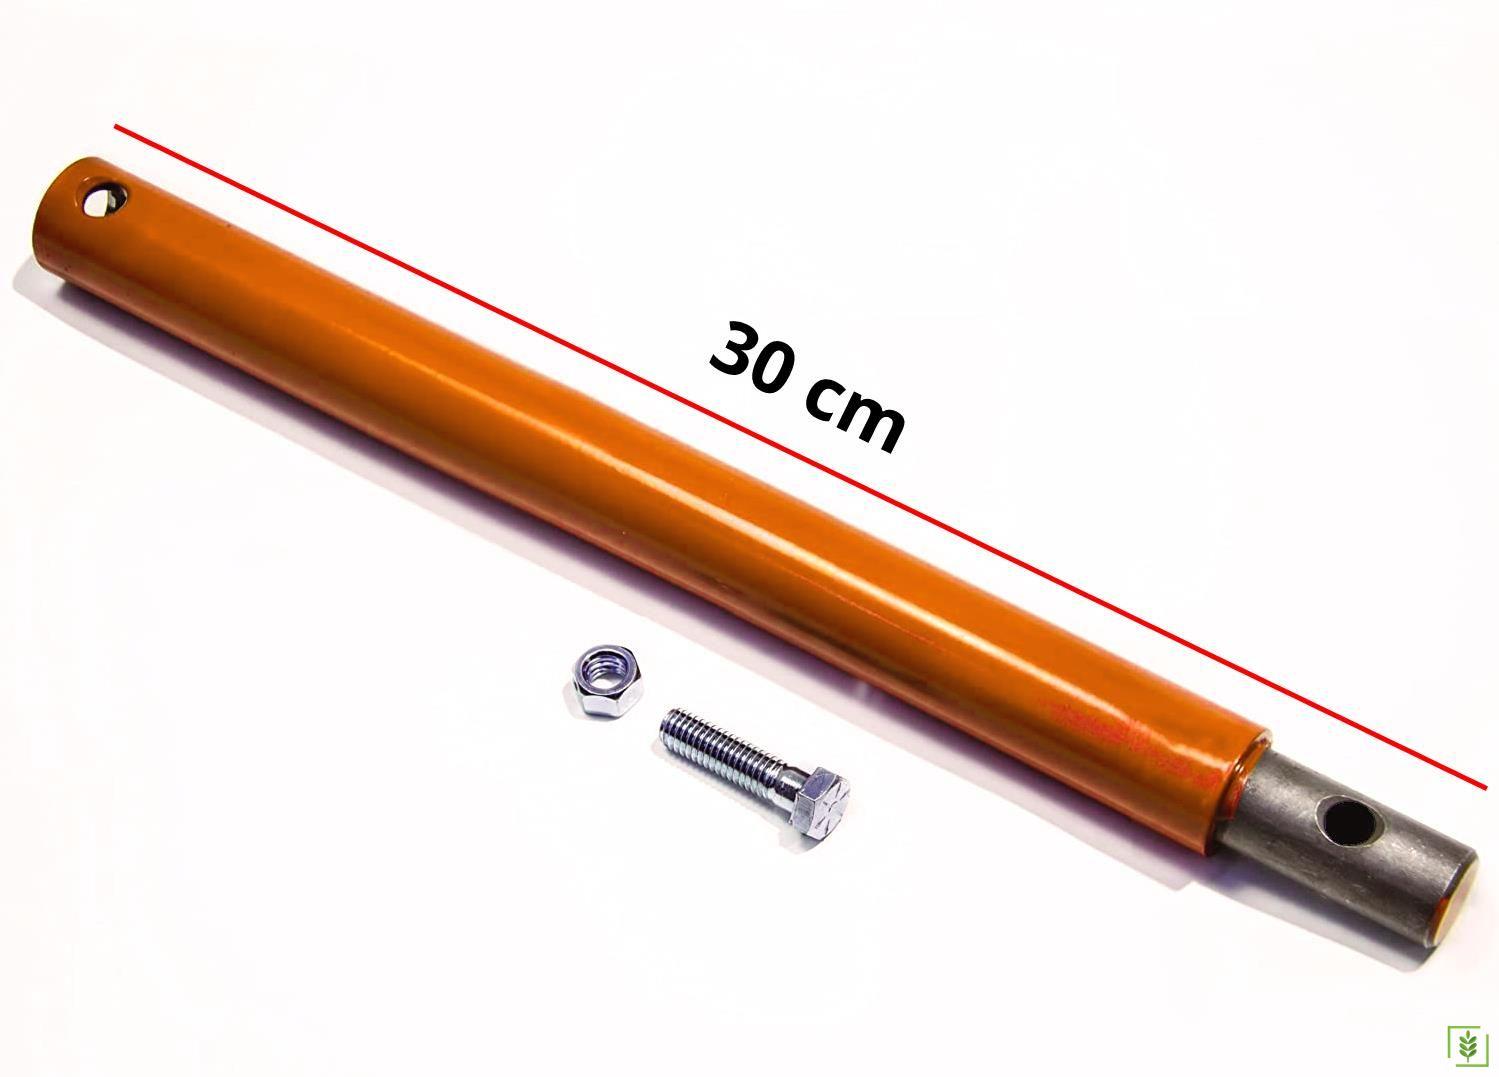 Tomking Toprak Burgu makinası Uzatma Aparatı 30 cm